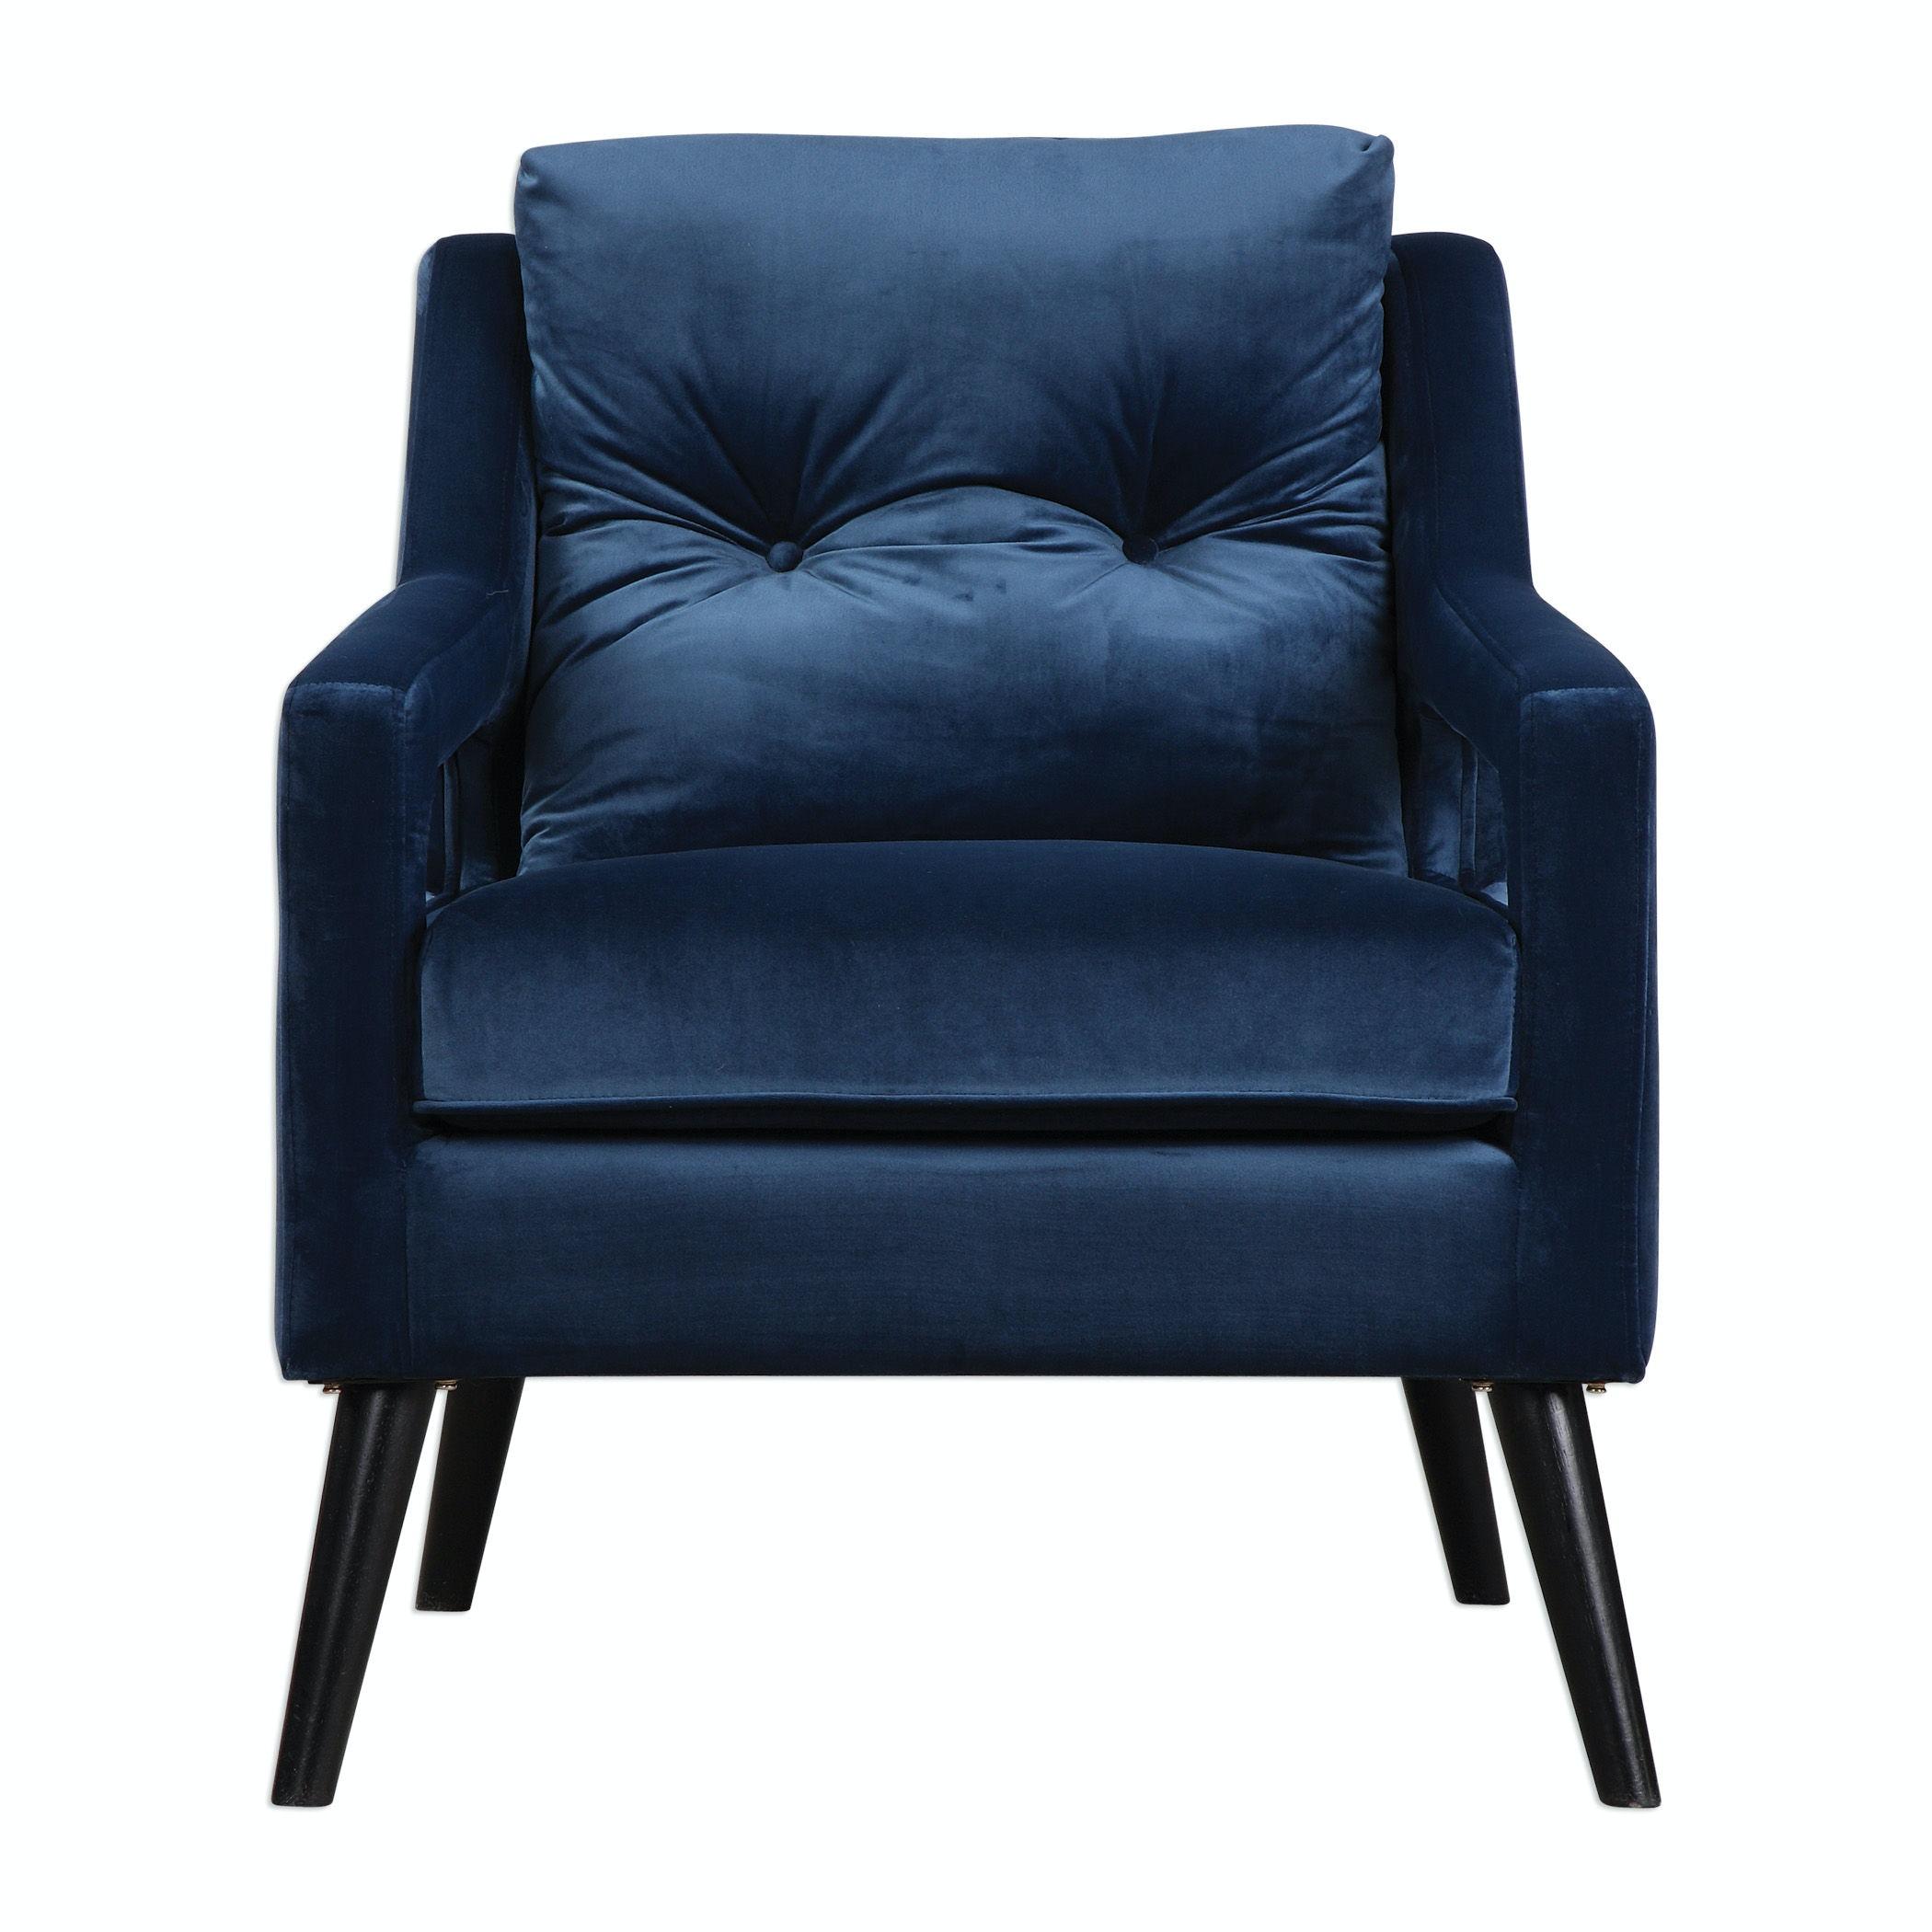 blue velvet armchair nz lite fishing chair uttermost living room o 39brien 23318